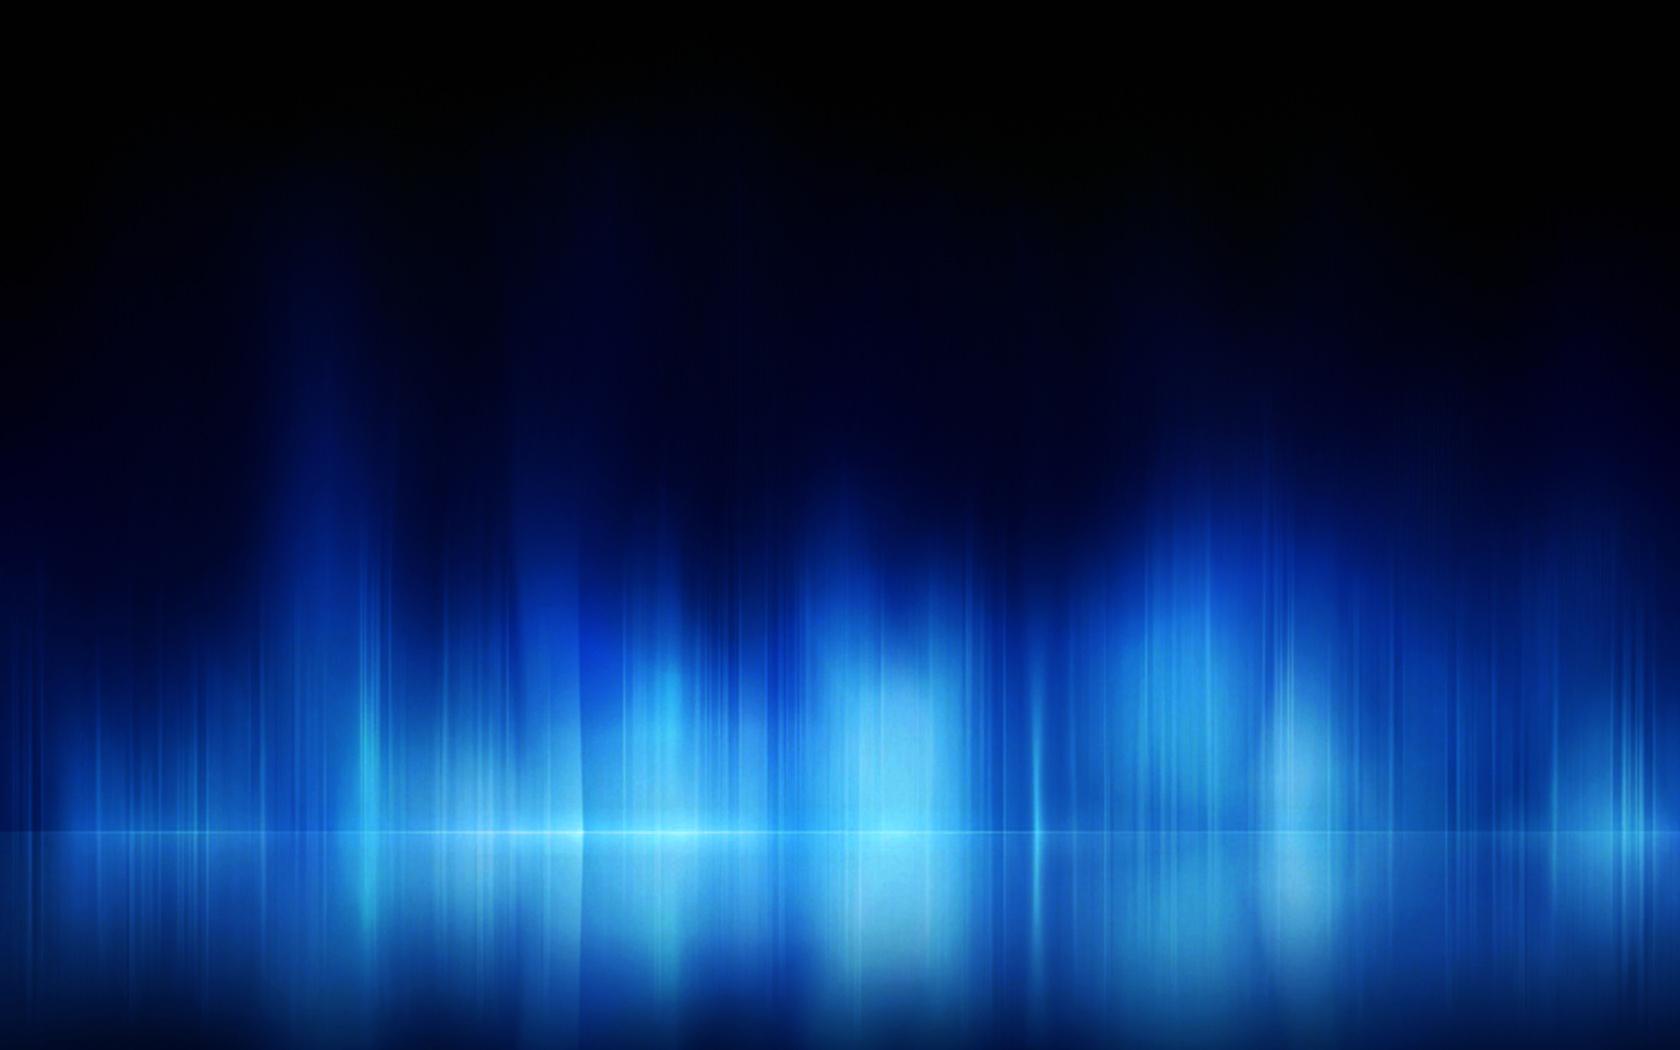 Dark Blue HD Wallpaper 2014 Dark Blue 1680x1050